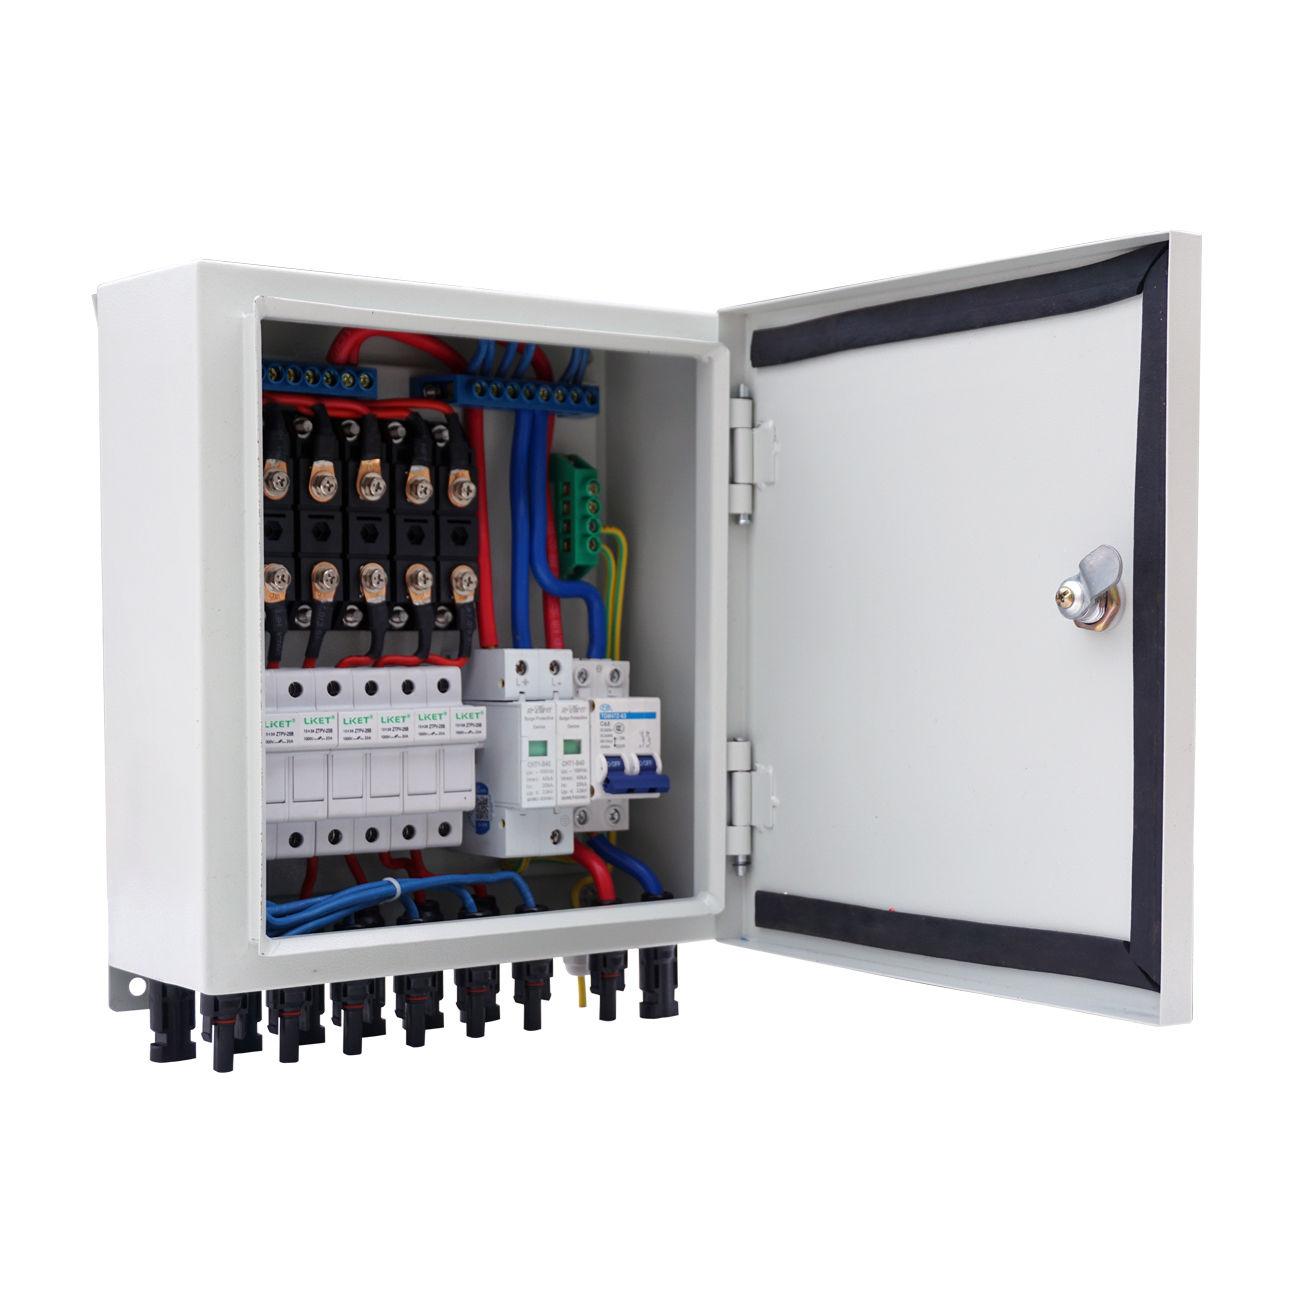 13794.75руб. |ECO WORTHY солнечный PV Combiner Box 6 струн 10A выключатель высокое напряжение защиты для Solarmodule|Соединители| |  - AliExpress